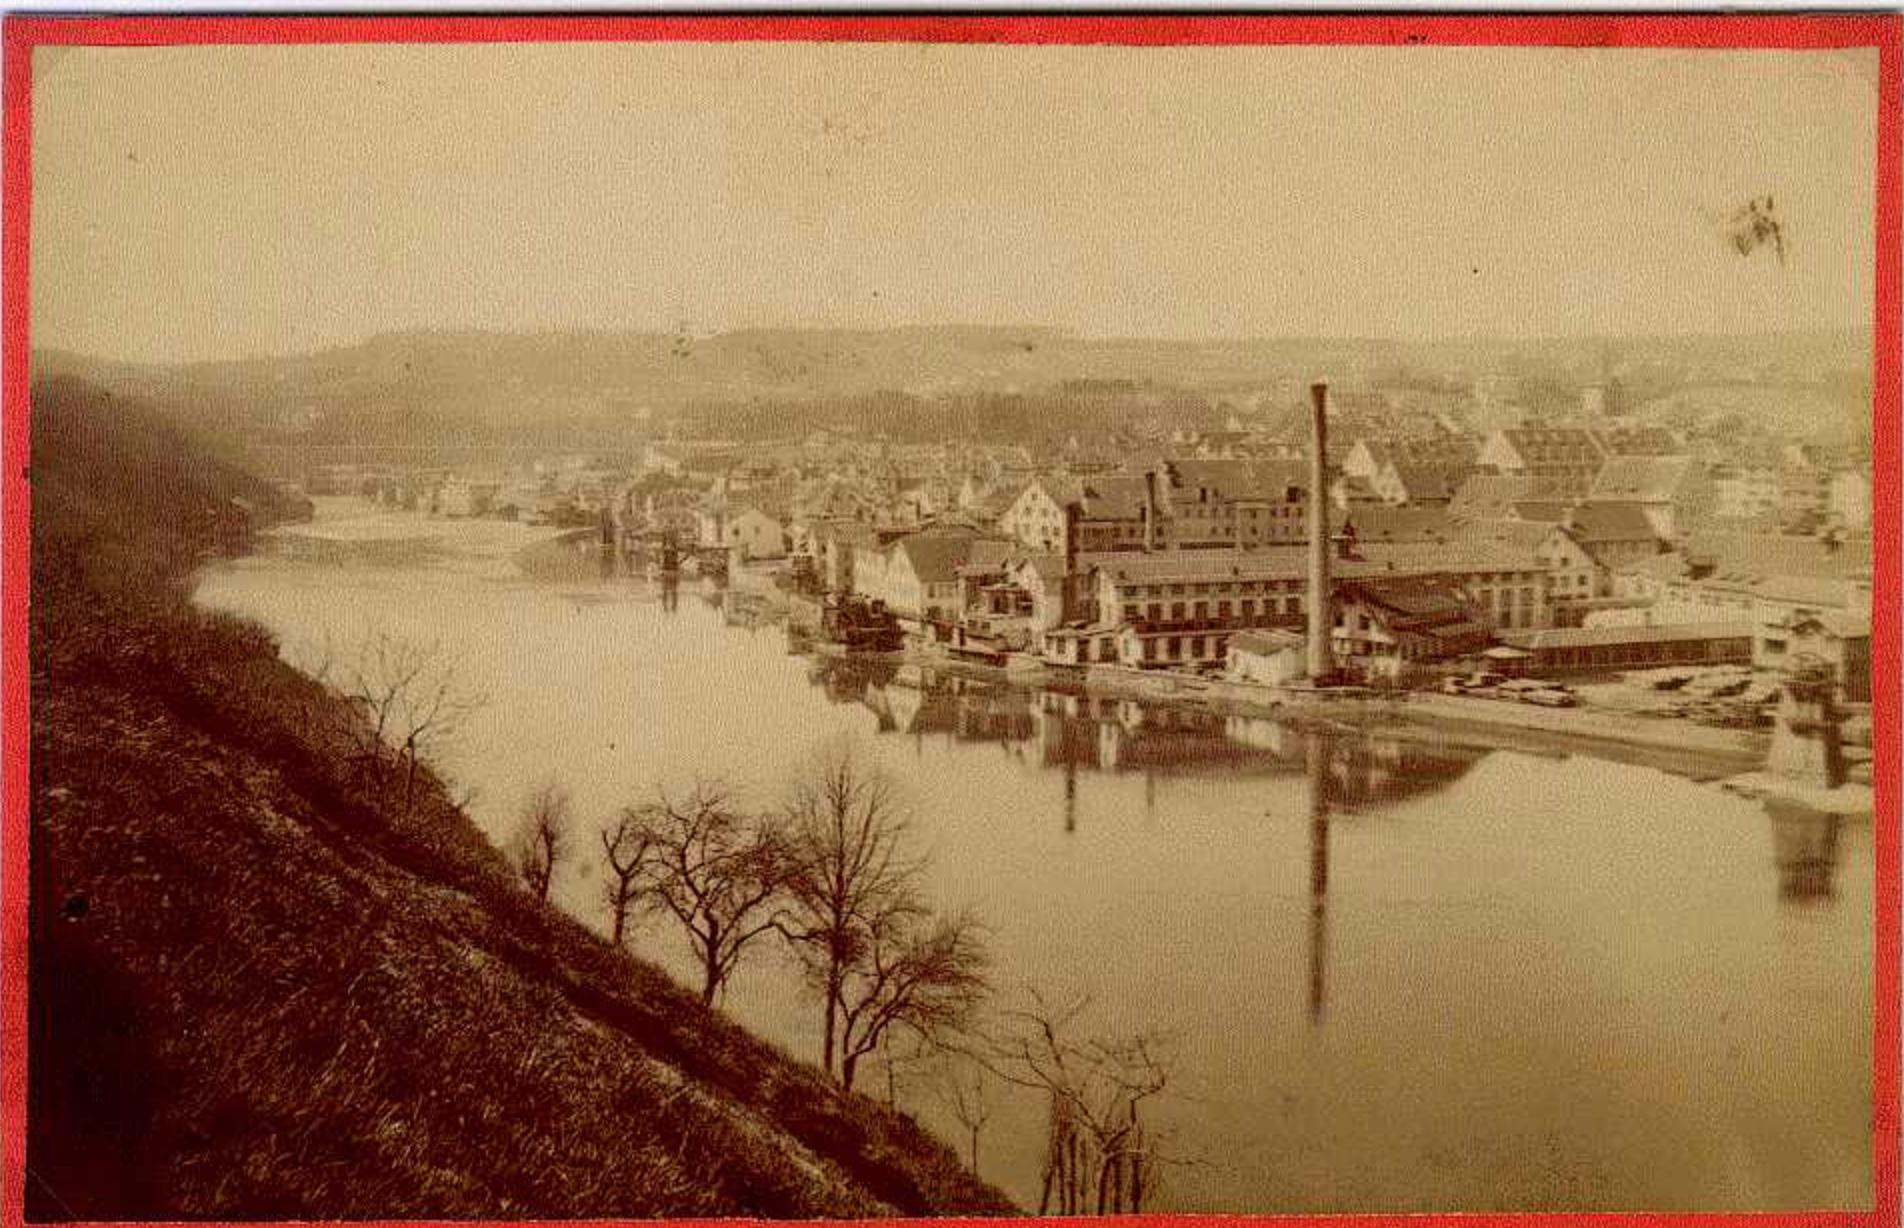 Blick vom Schaffhauser St. JBlick von Feuerthalen auf das Kammgarnareal. Solange die Industrie quasi in Sichtweite war, war Feuerthalen als Wohnort der Arbeiter privilegiert.ohann-Turm nach Feuerthalen um 1900.